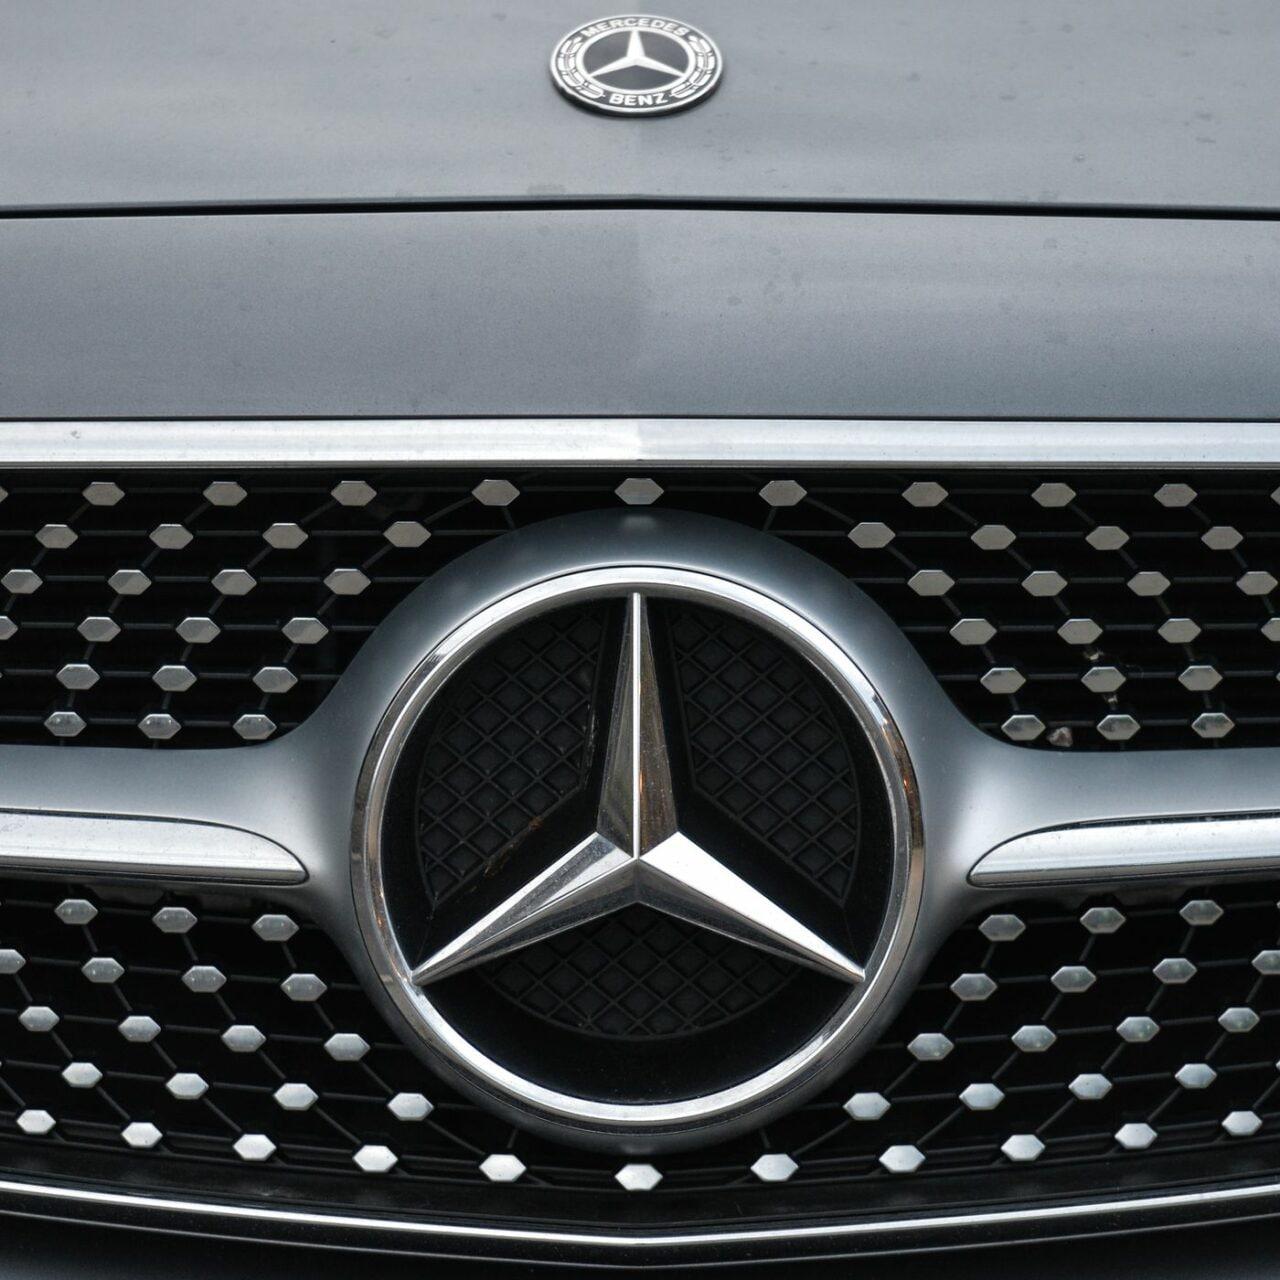 Le auto Mercedes si avvisano a vicenda in caso di fosse o dossi